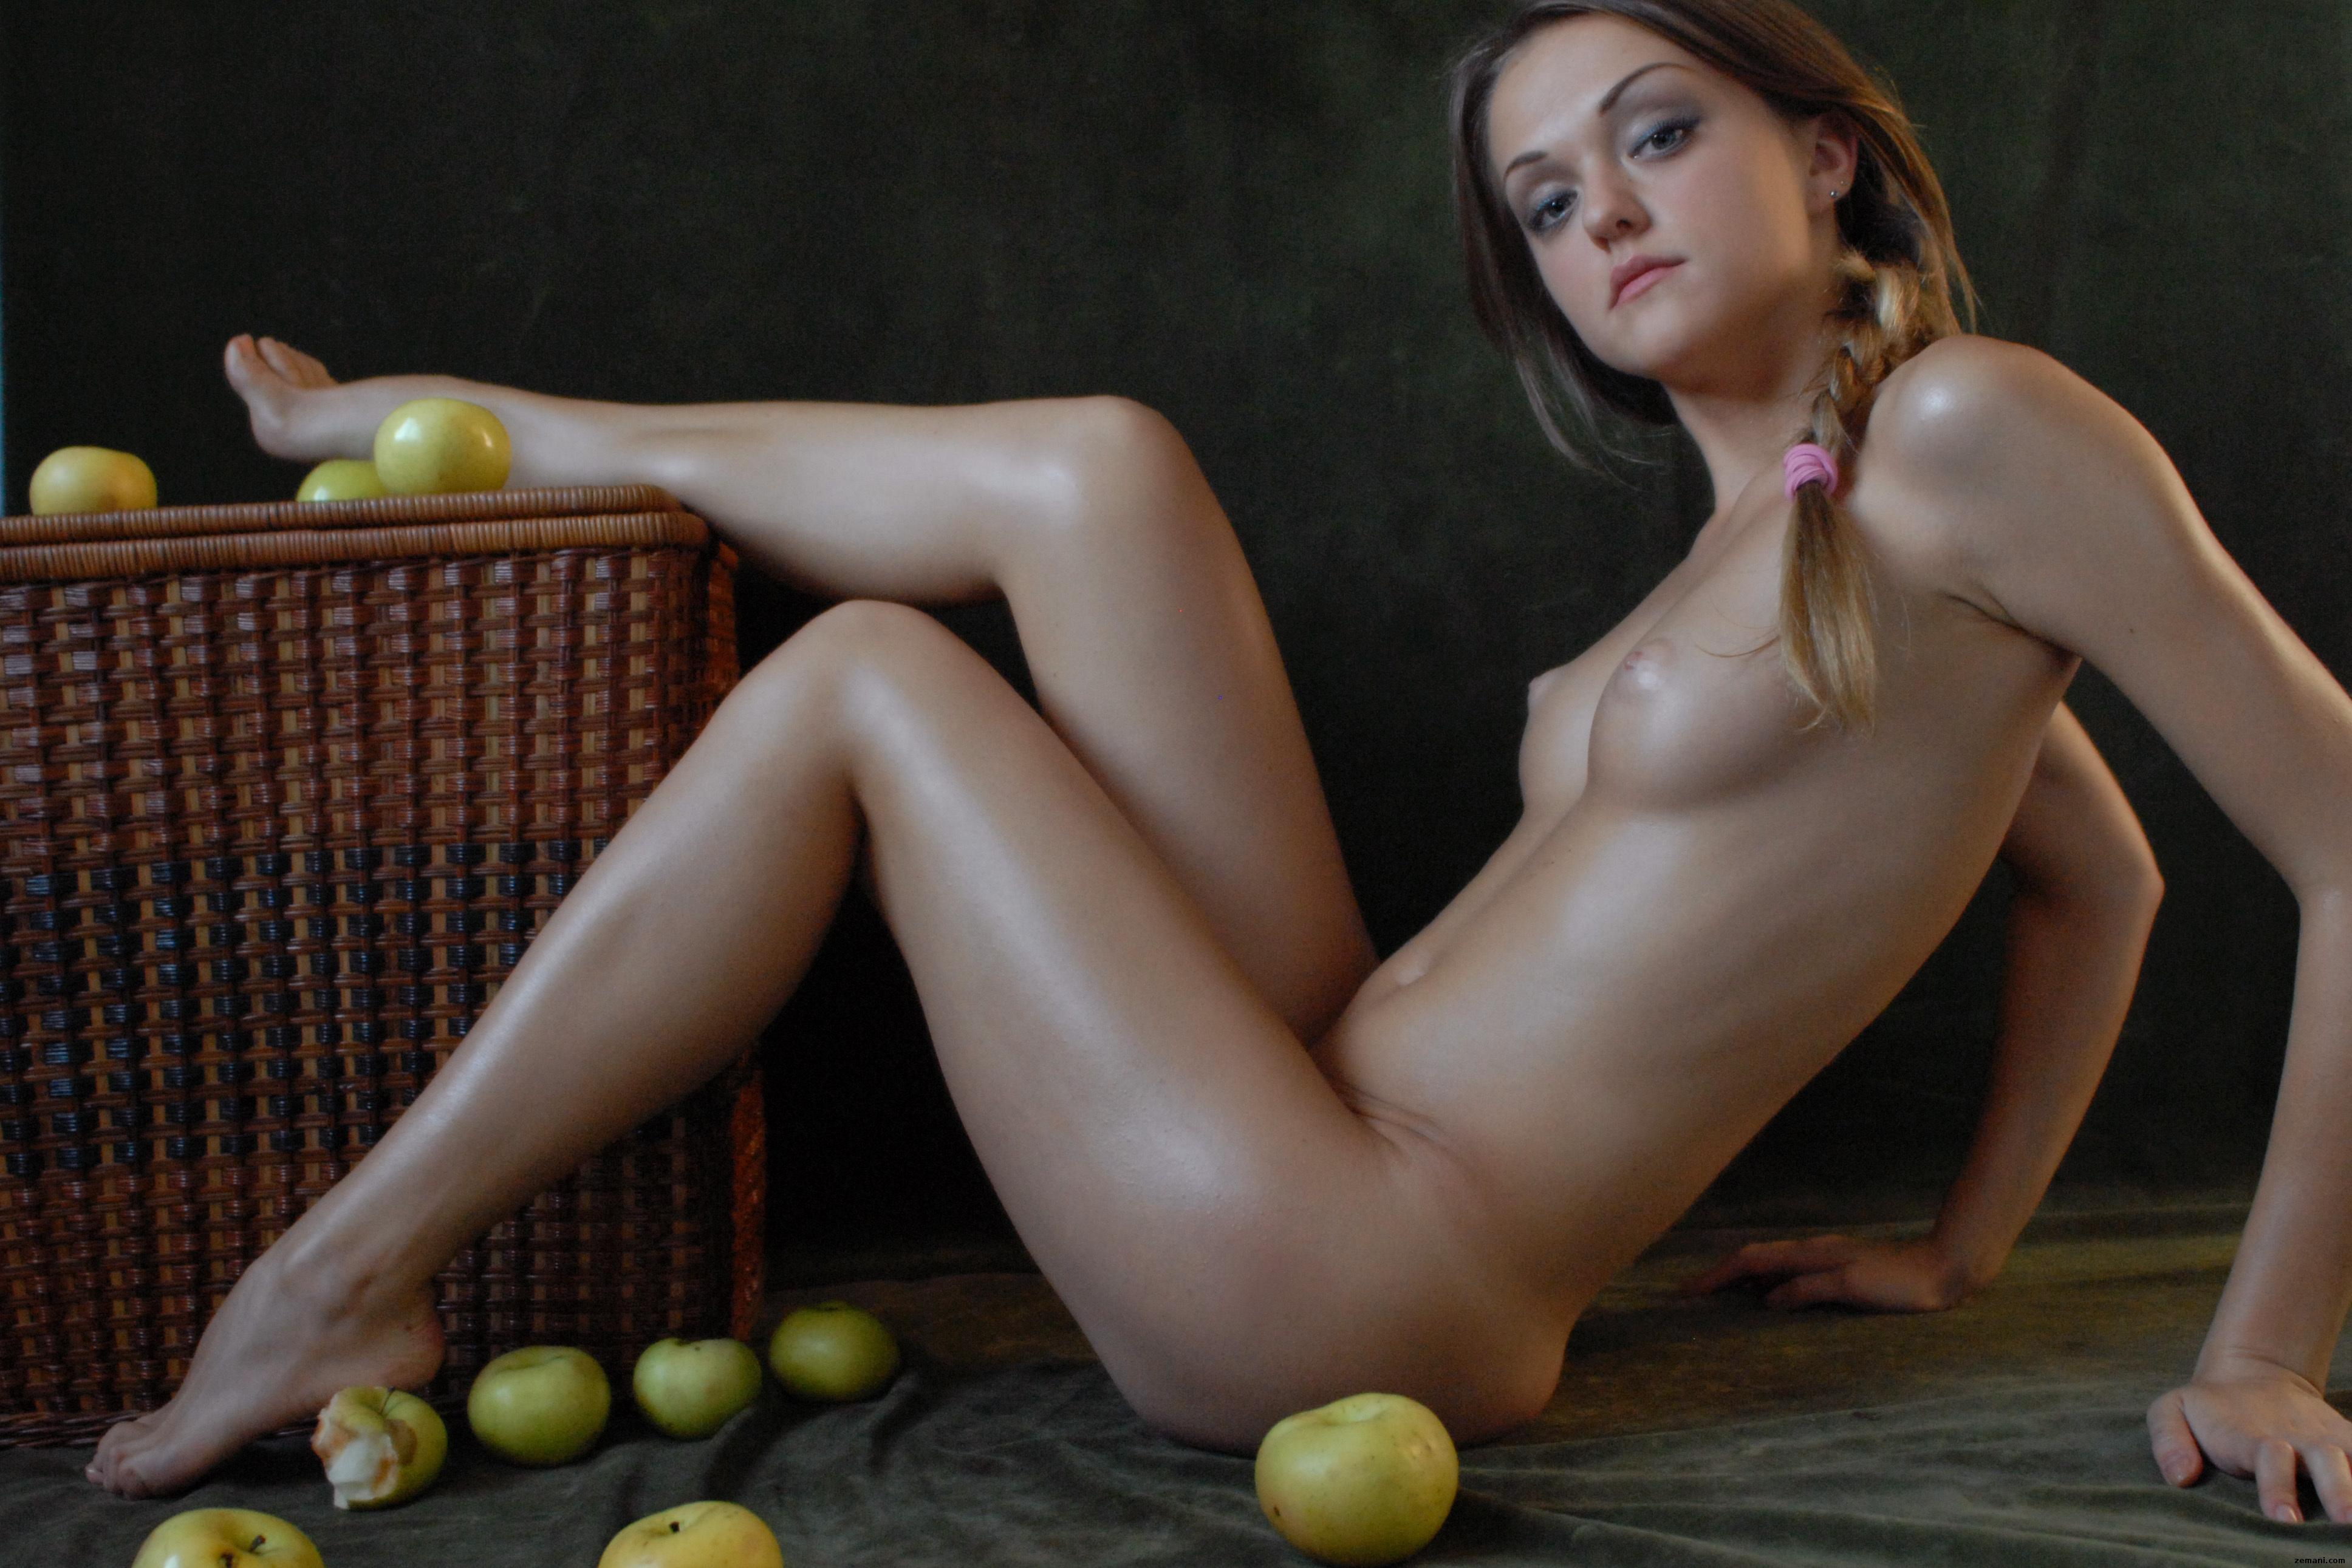 marge simpson costume nude